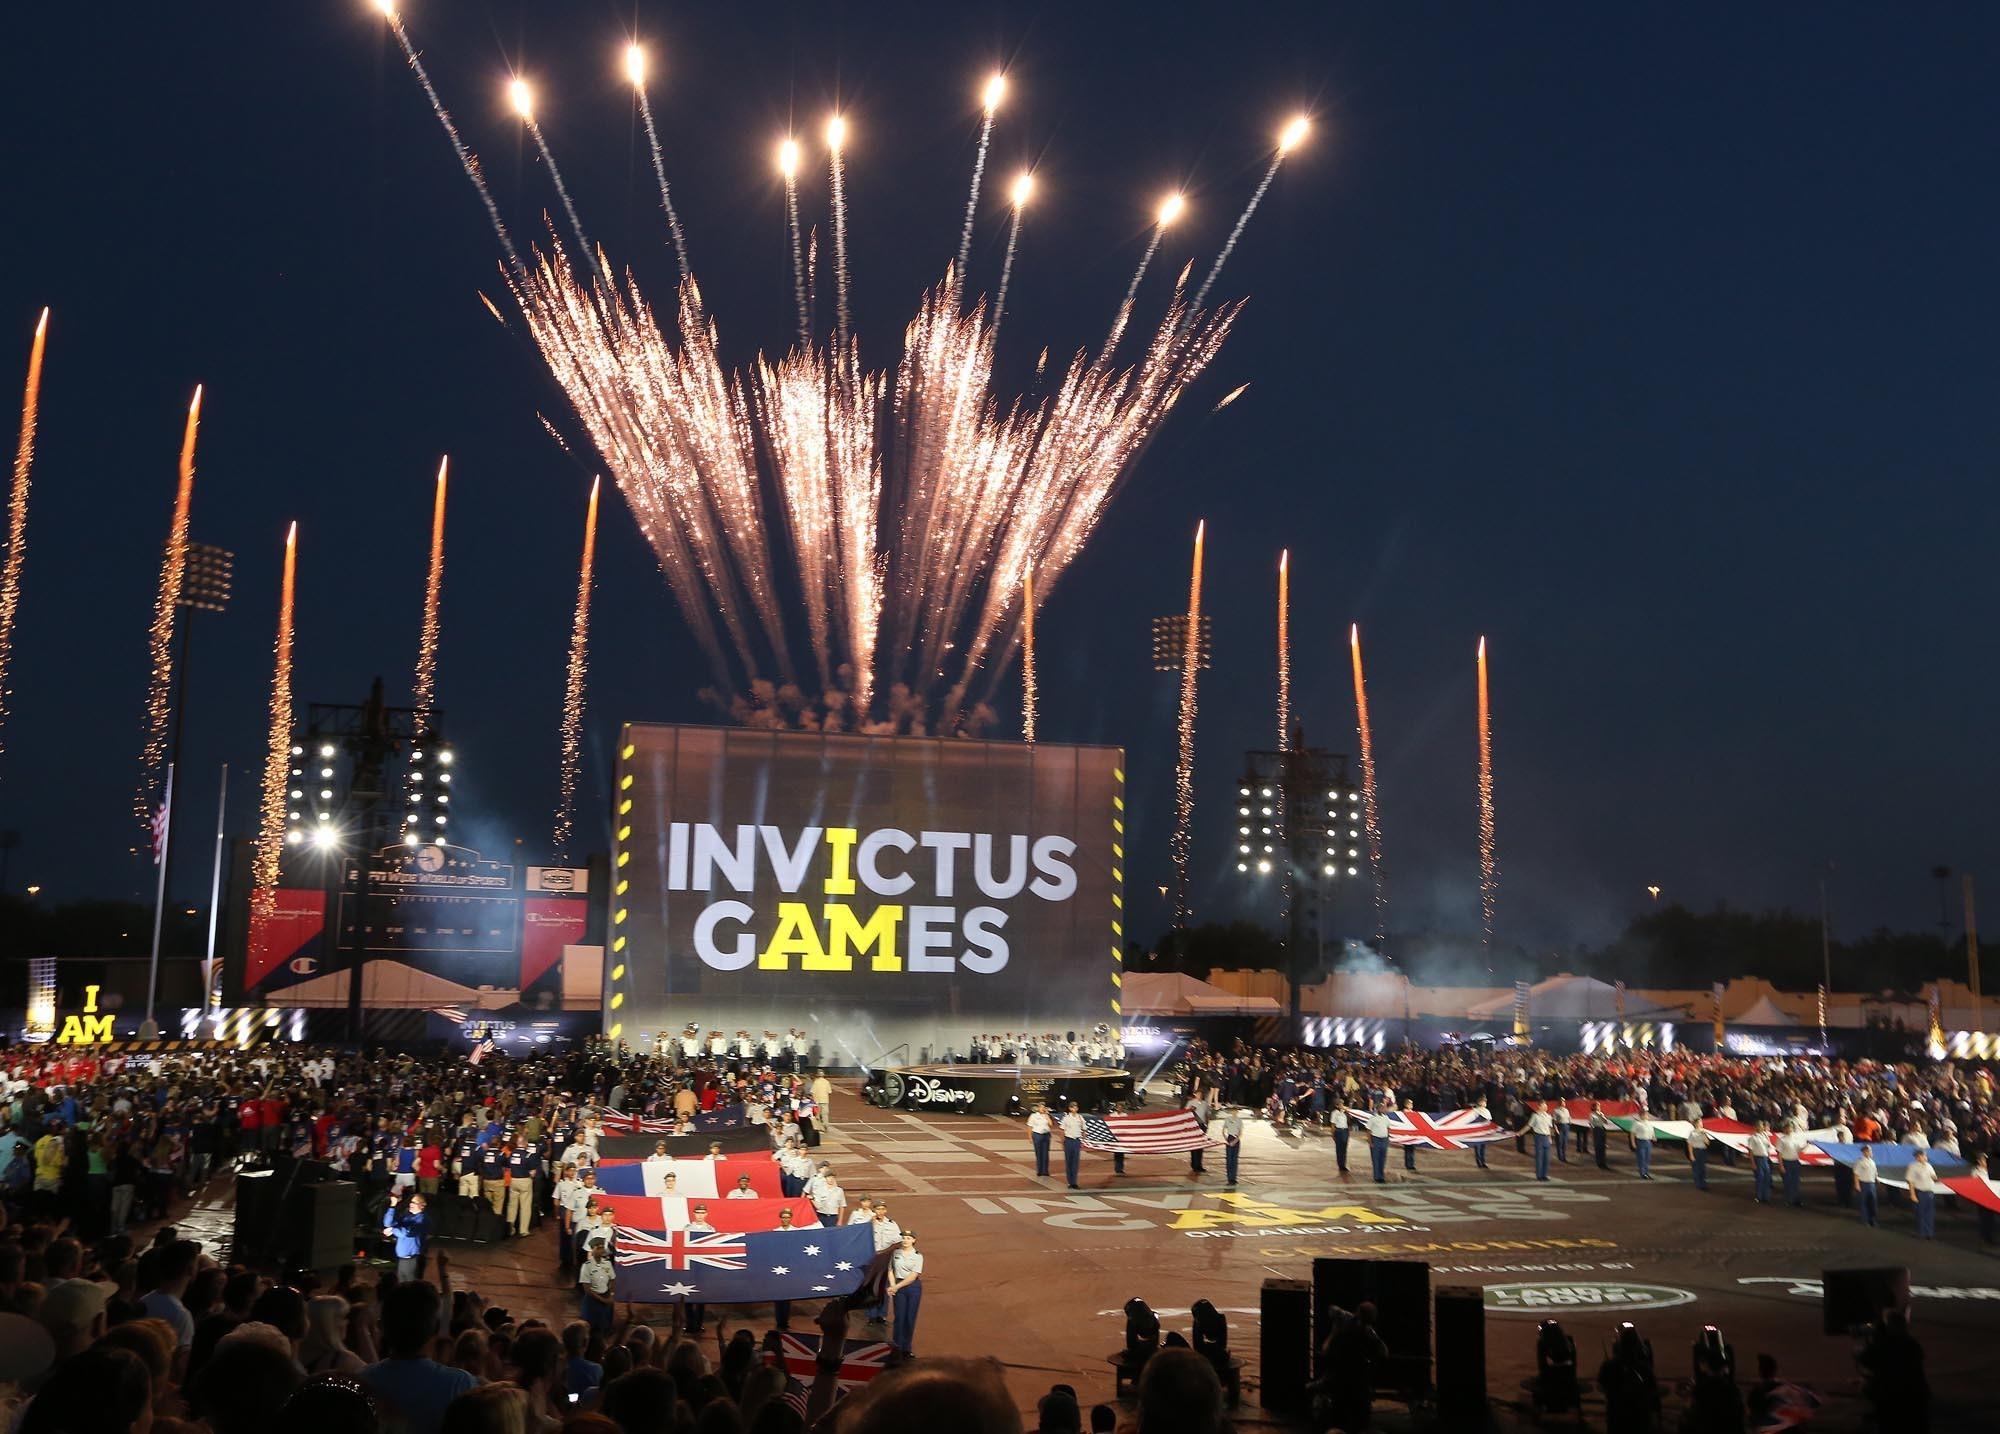 invictus games opening ceremony - photo #22